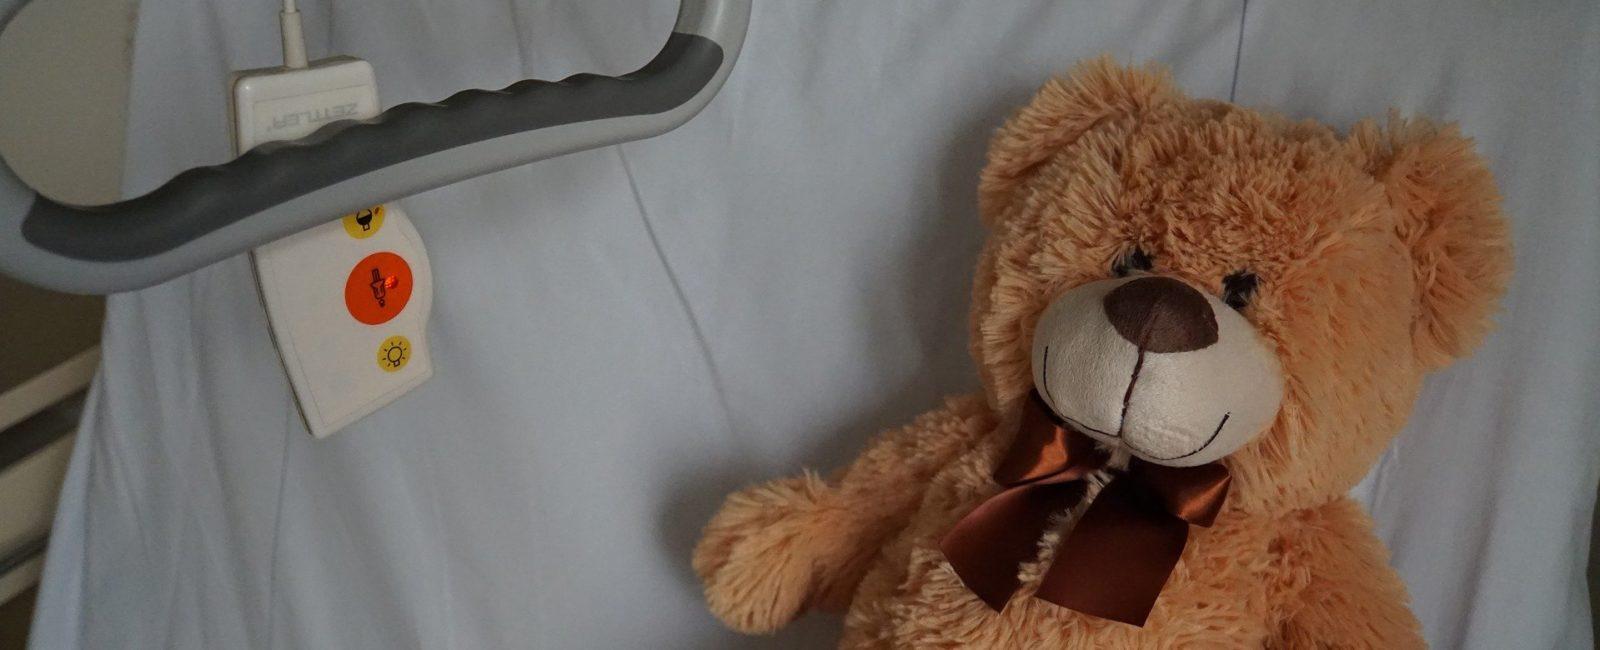 Unheilbar kranke Kinder, Jugendliche und ihre Familie palliativ begleiten